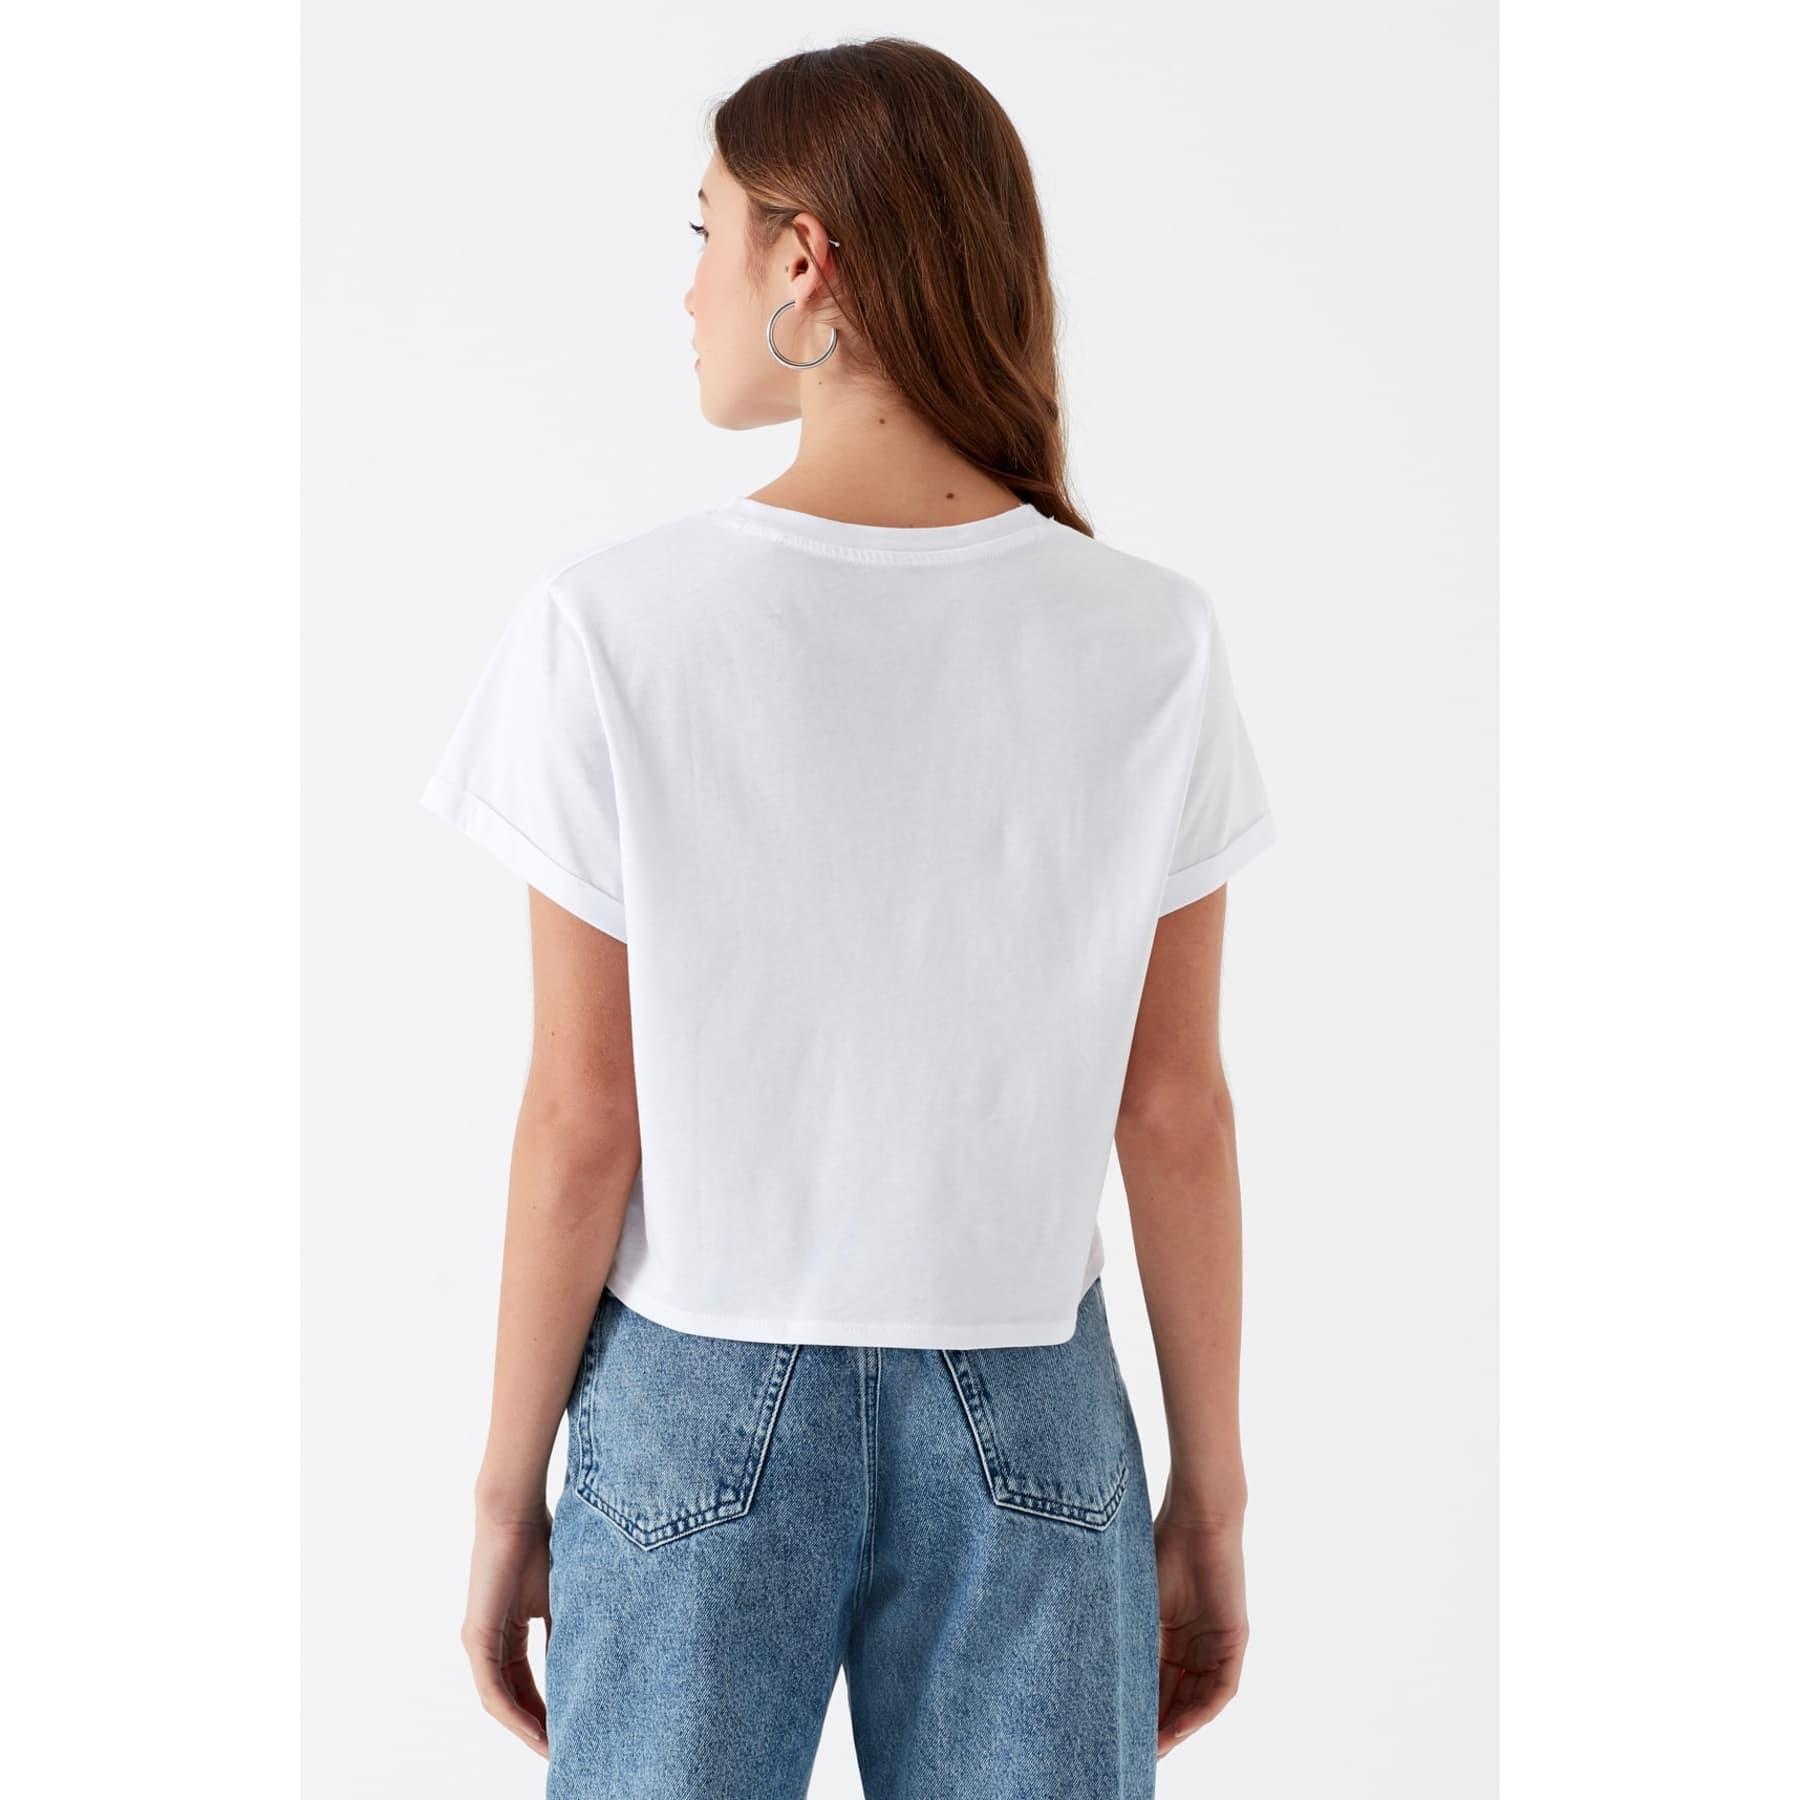 Mavi Baskılı Kadın Beyaz Tişört (168458-620)